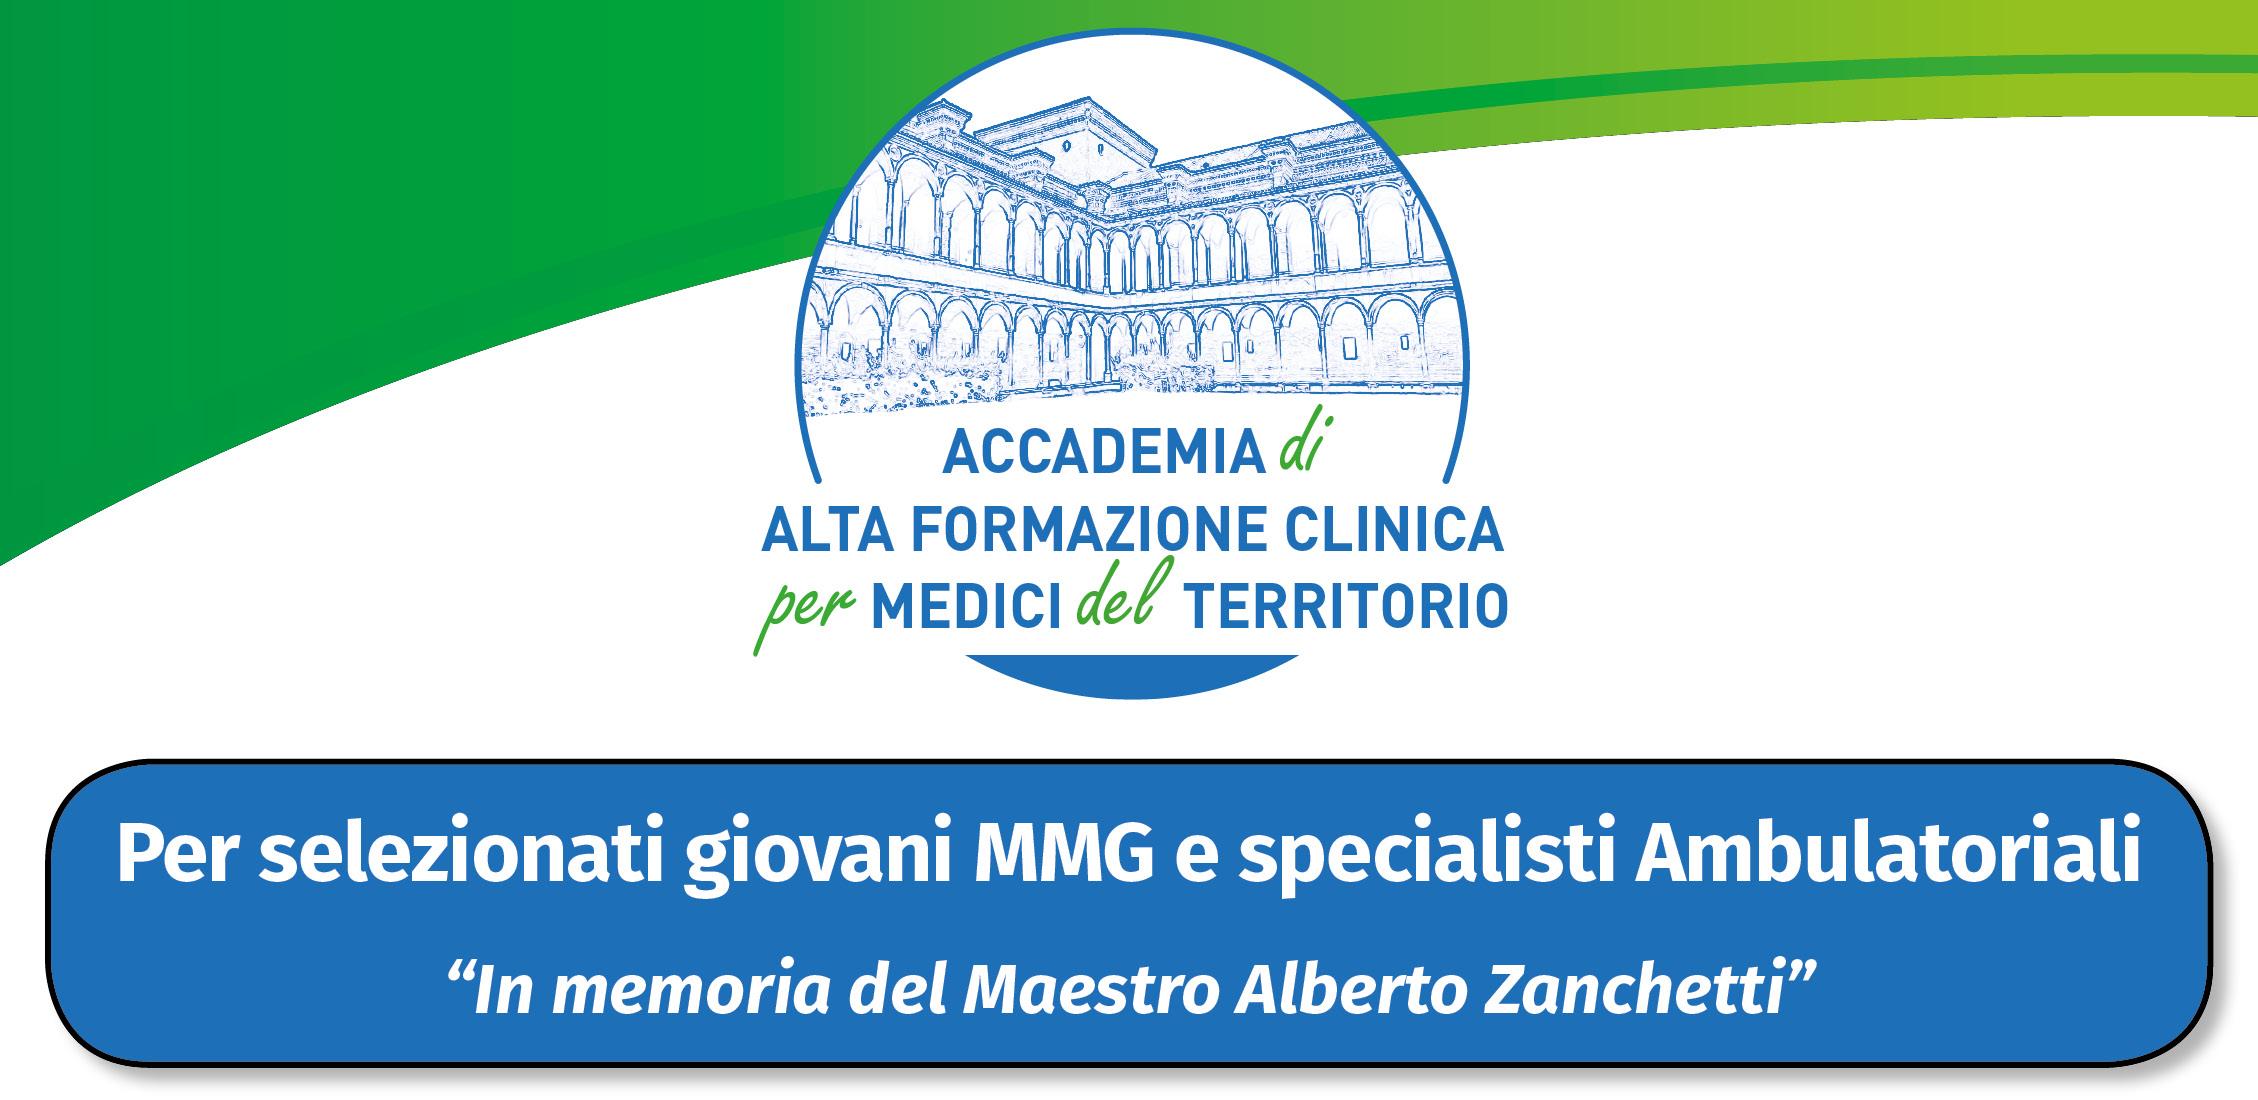 Accademia di Alta Formazione Clinica per Medici del Territorio